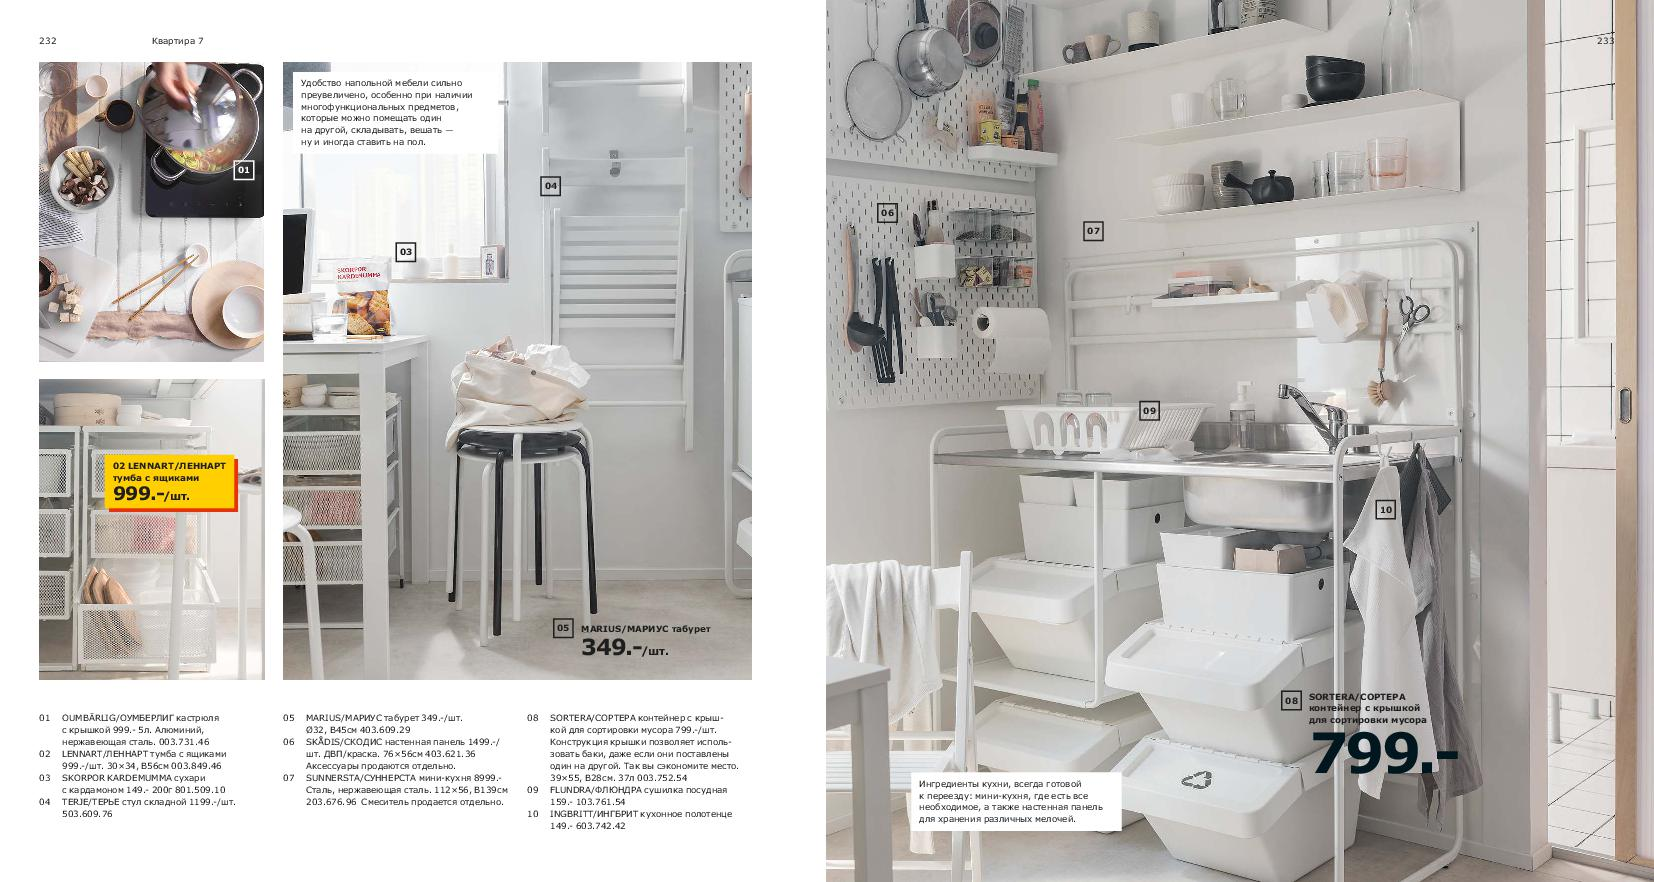 IKEA_catalogue_2019-117